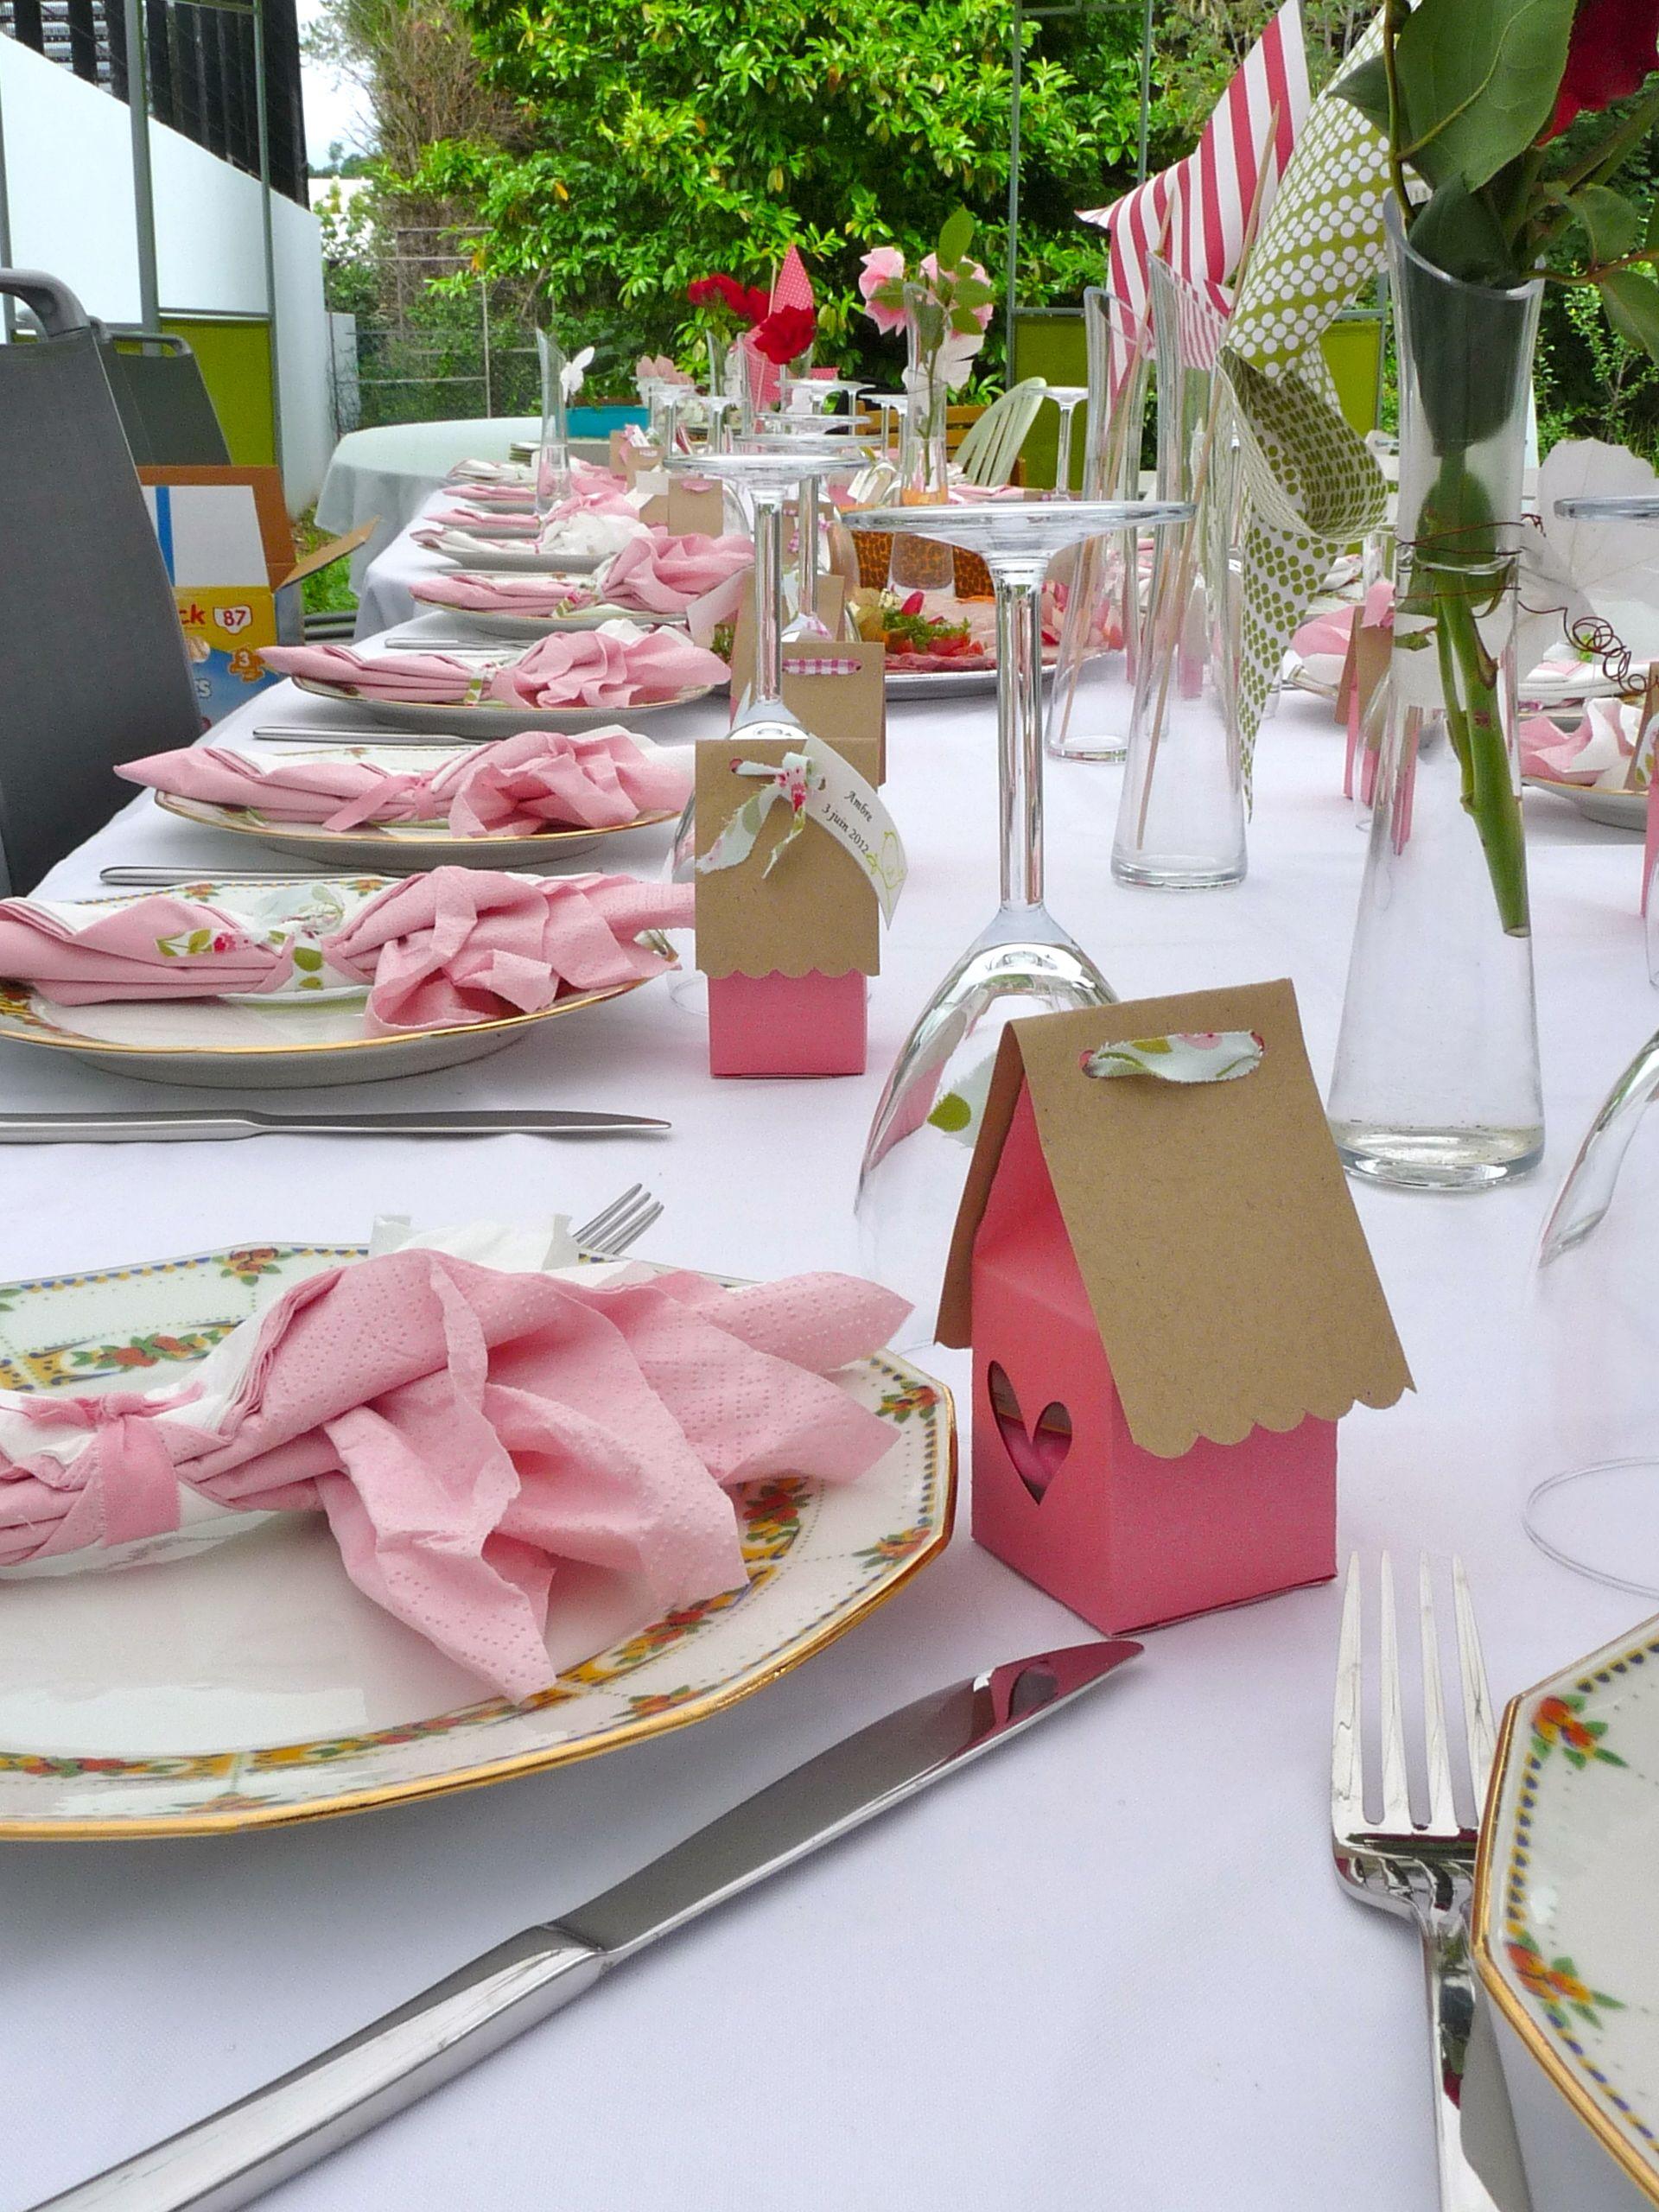 boite drag es contenant drag es nichoir maison coeur ruban liberty d co table oiseau. Black Bedroom Furniture Sets. Home Design Ideas